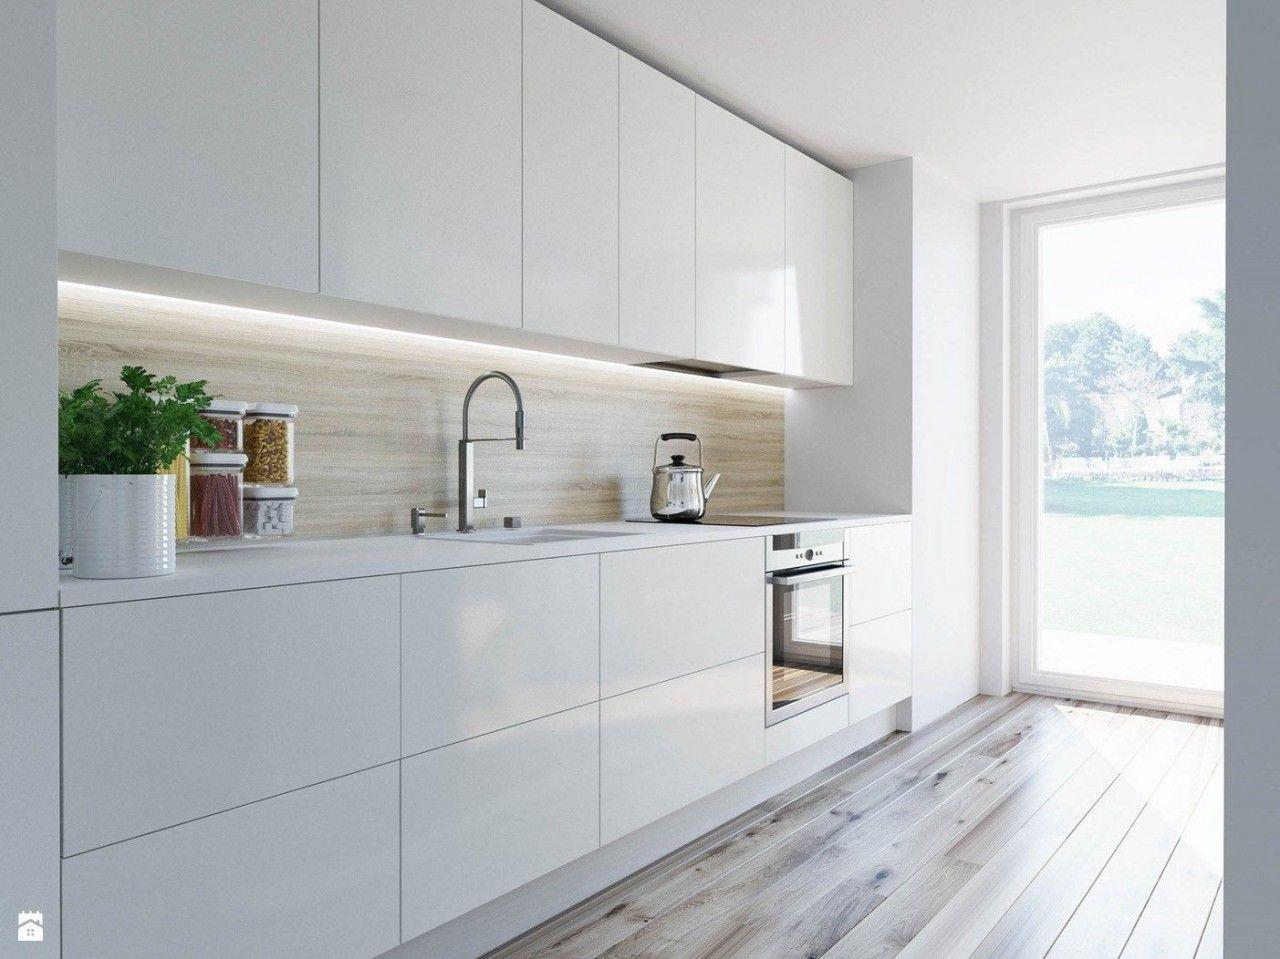 28 Modelo De Cocinas Modernas Para Apartamentos 2018 Modelos De